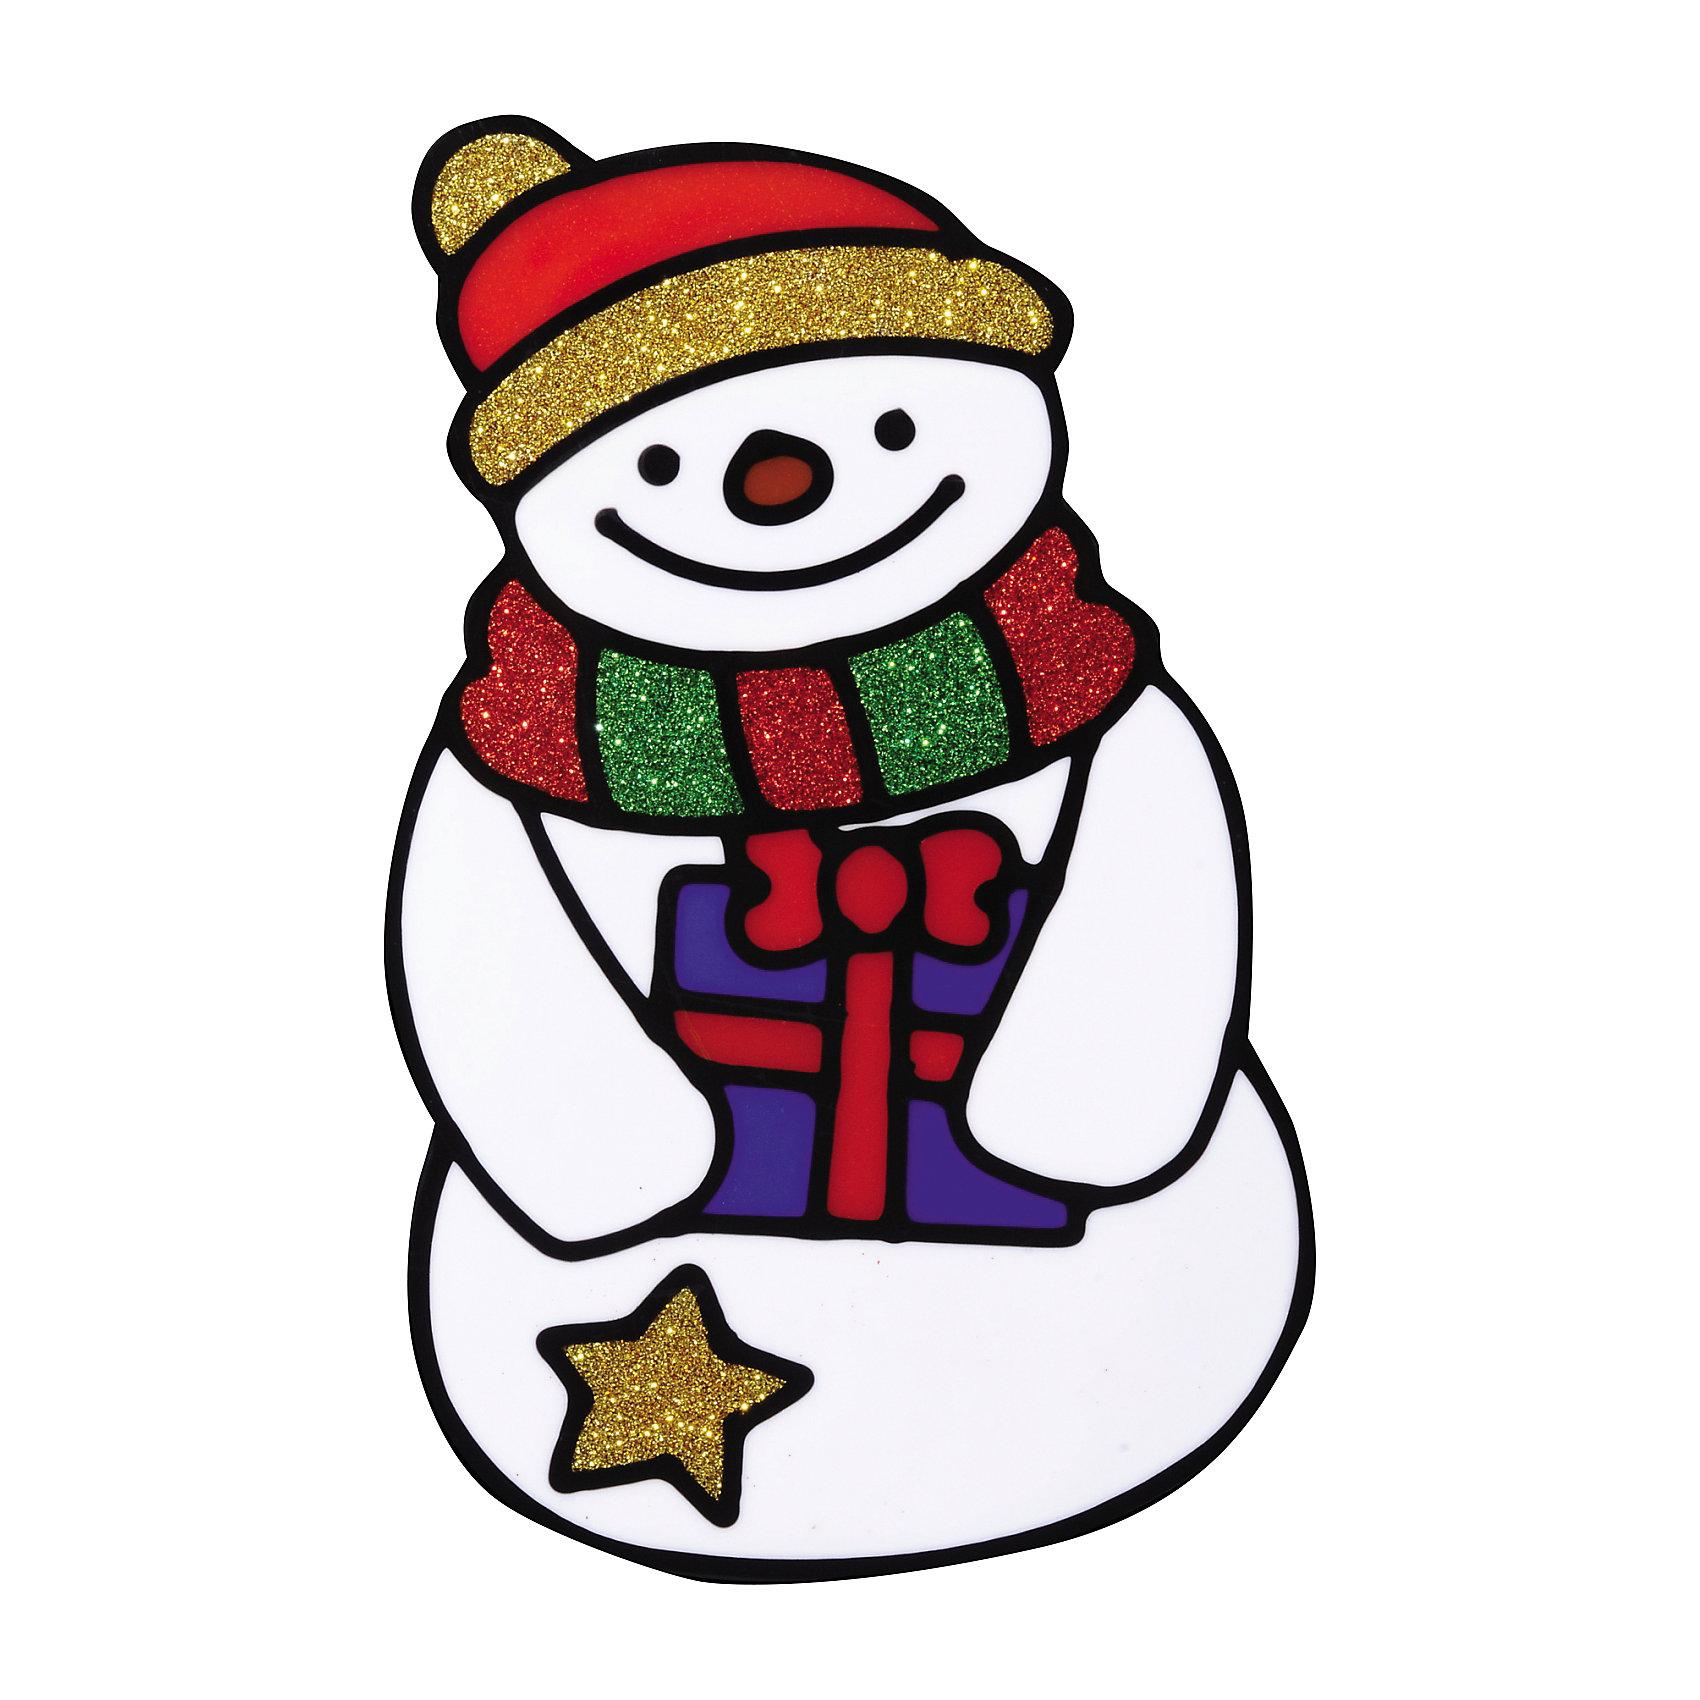 Наклейка на окно Снеговик 10*15 смНовинки Новый Год<br>Наклейка на окно Снеговик 10*15 см наряду с другими новогодними атрибутами усилит волшебную атмосферу в доме, ведь чем больше новогодних украшений, тем наряднее и запоминающимся будет праздник! Вы сможете оригинально украсить окно или витрину или презентовать этот сувенир близким или друзьям!<br><br>Дополнительная информация:<br>-Материалы: силикон, блестки<br>-Размер в упаковке:10х0,5х15 см<br>-Вес в упаковке: 26 г<br>-Размер: 10х15 см<br><br>Наклейка на окно Снеговик 10*15 см можно купить в нашем магазине.<br><br>Ширина мм: 100<br>Глубина мм: 5<br>Высота мм: 150<br>Вес г: 26<br>Возраст от месяцев: 84<br>Возраст до месяцев: 2147483647<br>Пол: Унисекс<br>Возраст: Детский<br>SKU: 4286727